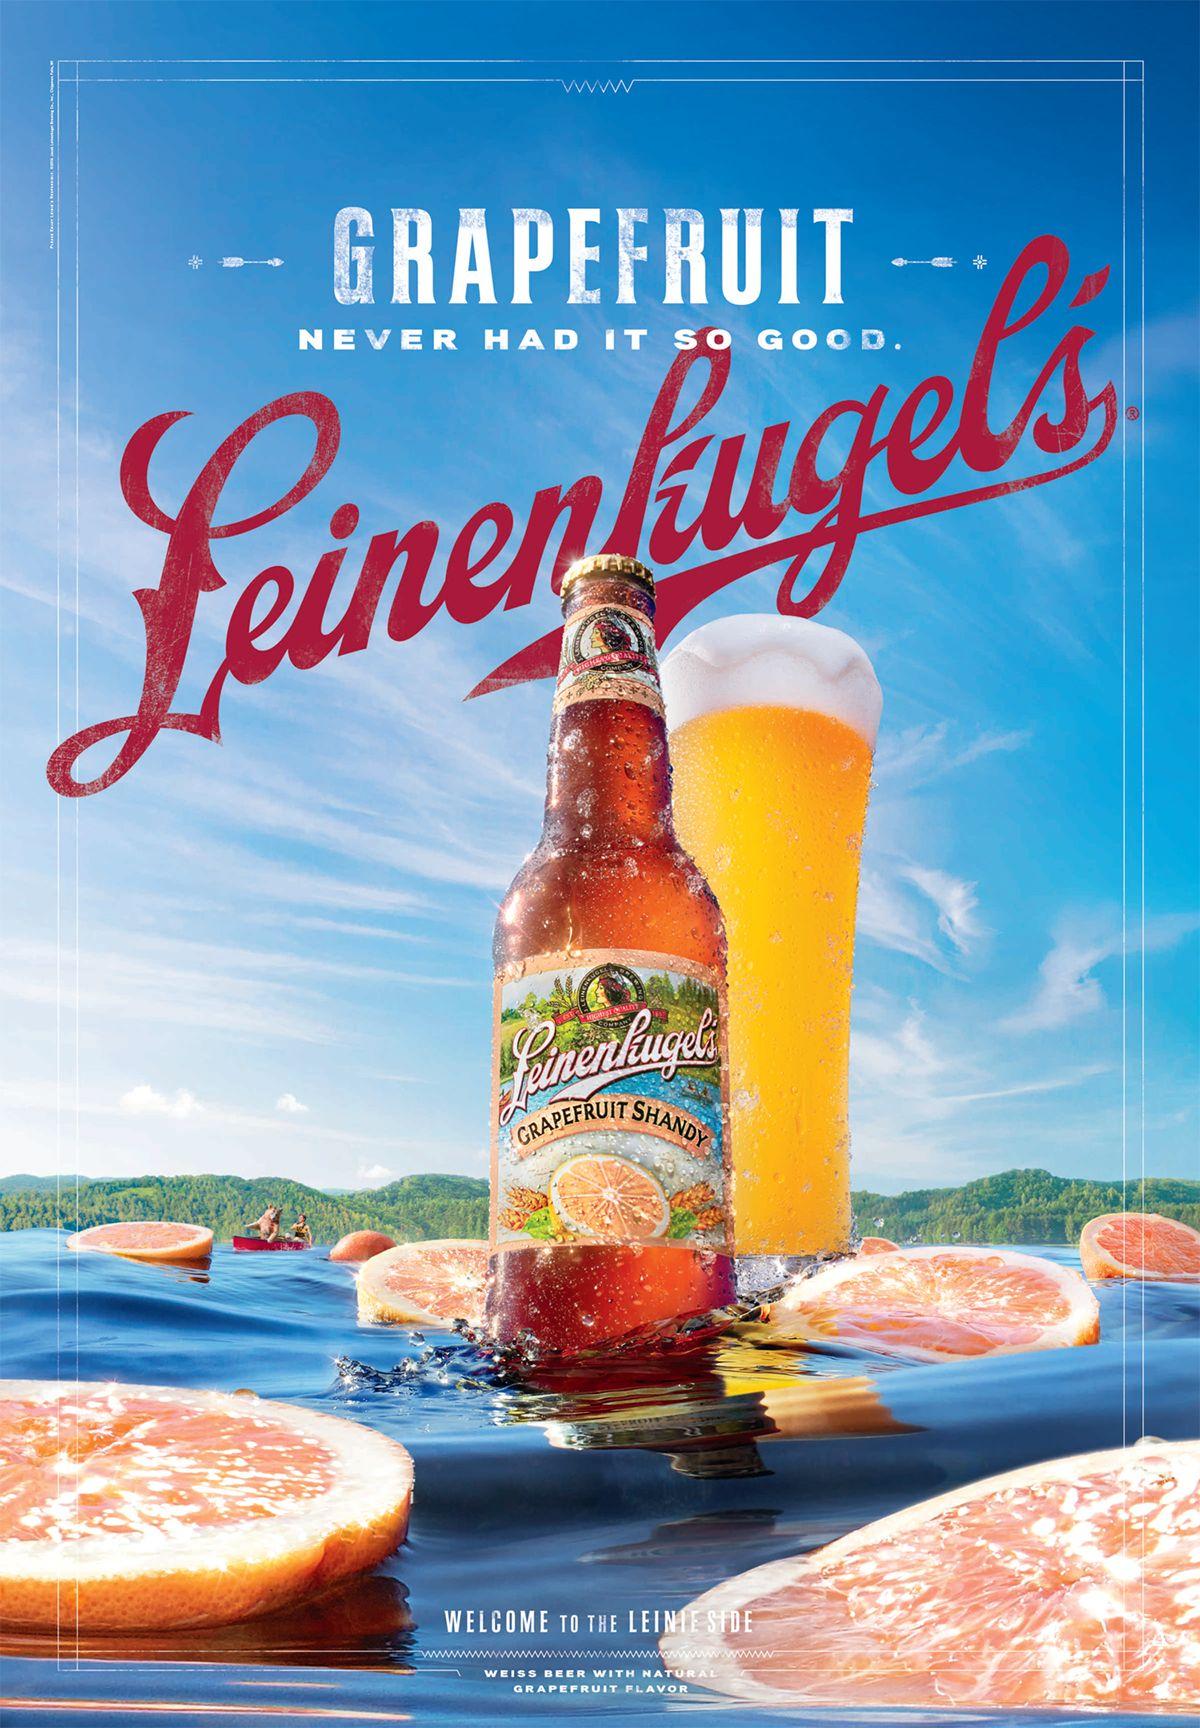 Leinenkugel's on Behance | Beer poster design, Creative ...